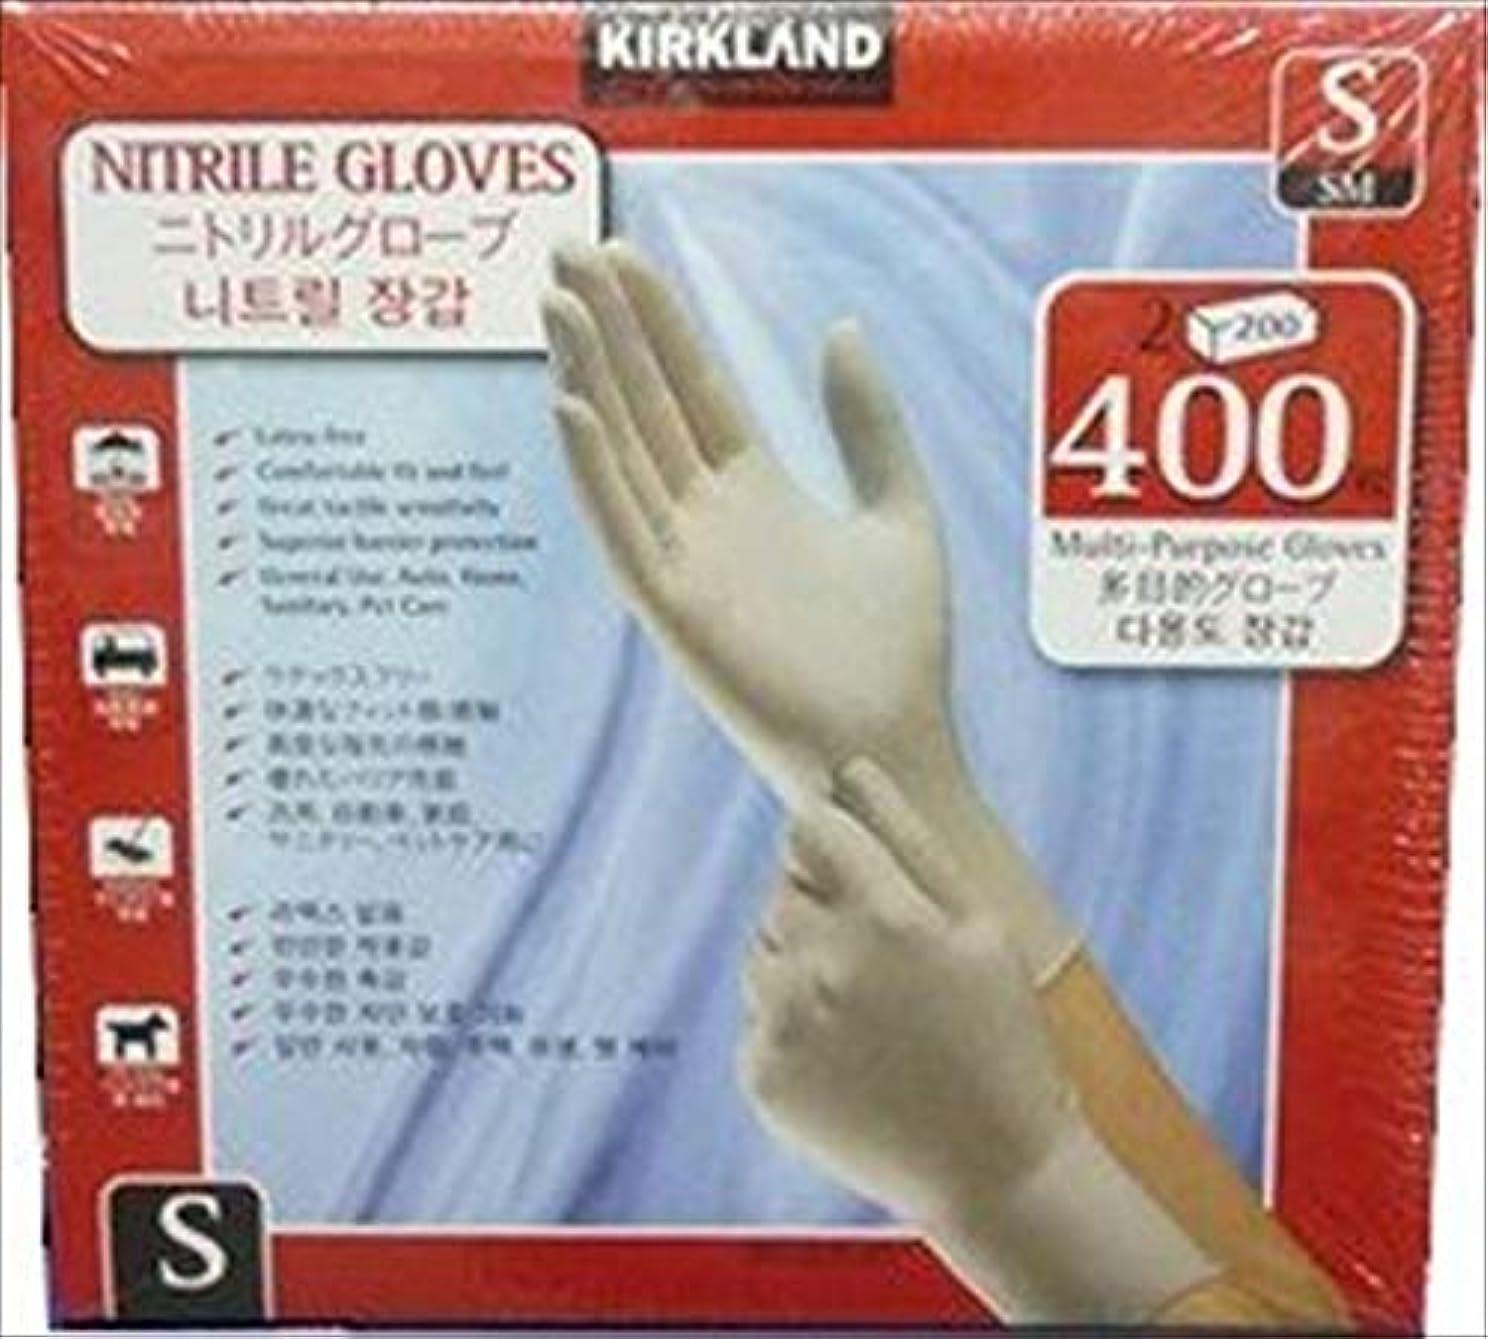 かかわらずジョブを除くKIRKLAND カークランド ニトリルグローブ 手袋 Sサイズ 200枚×2箱